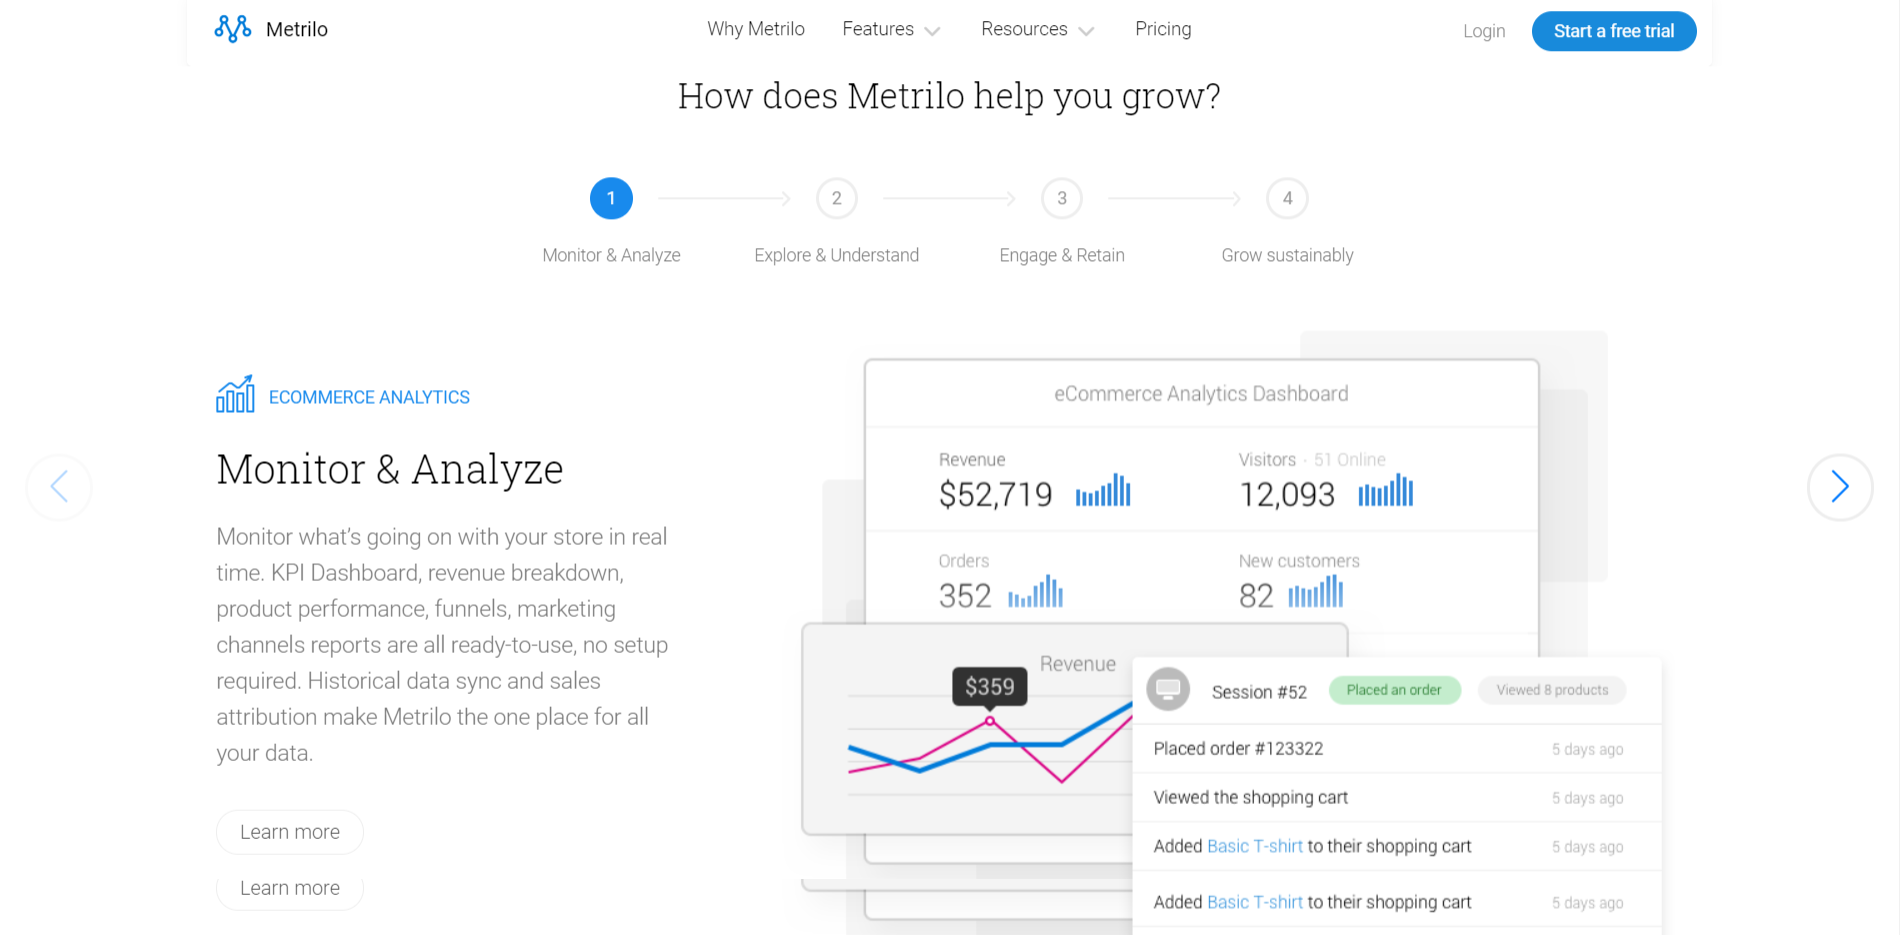 Metrilo من أهم ادوات التجارة الالكترونية الحديثة